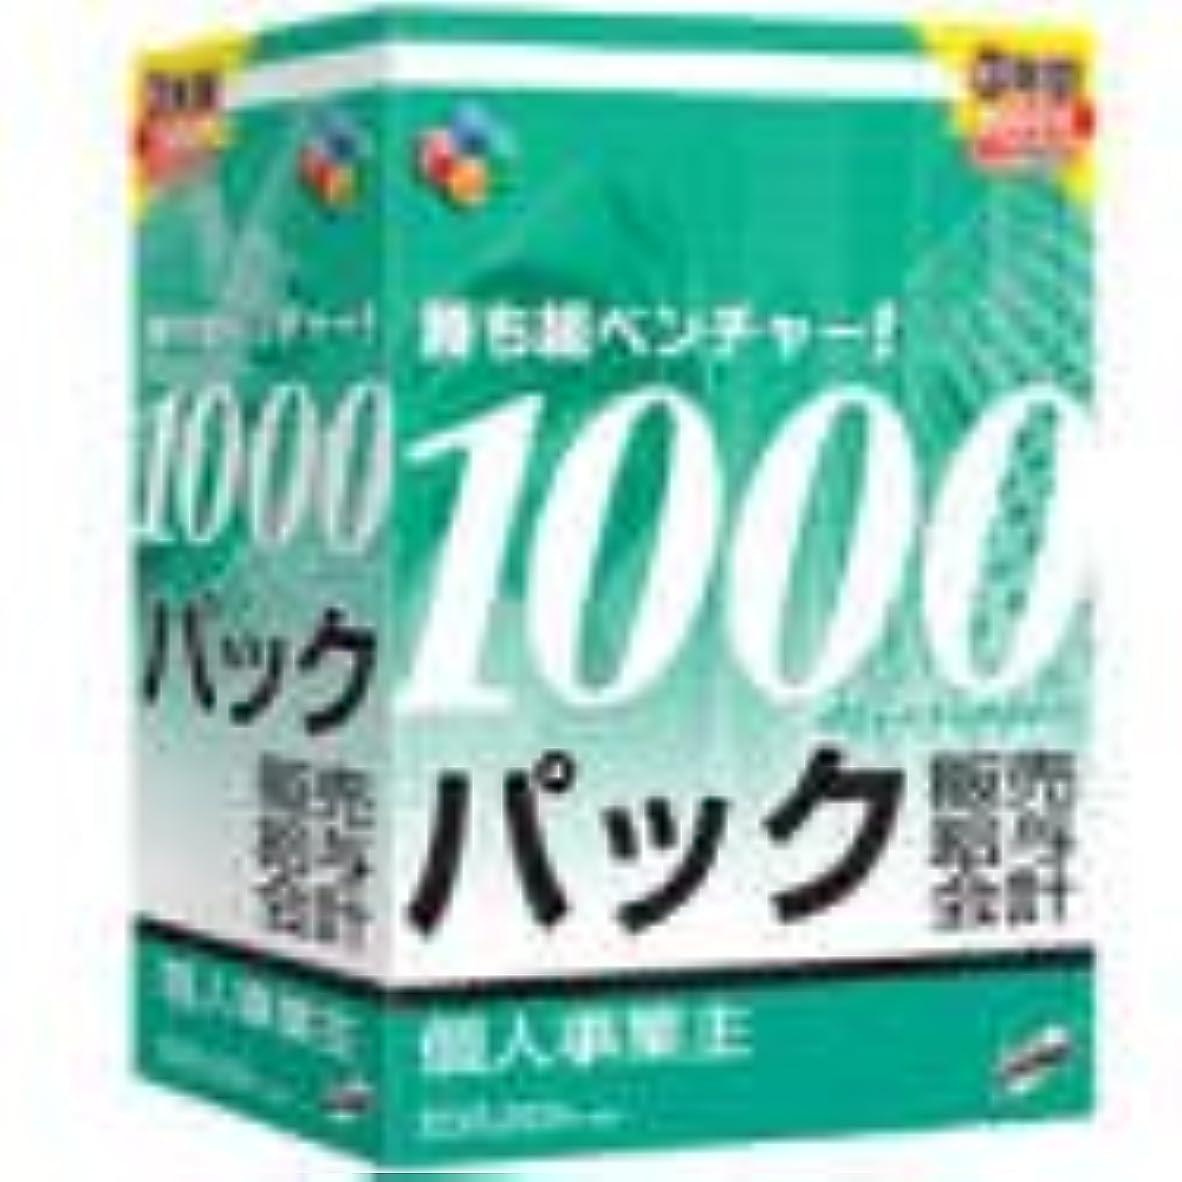 悪性プロフィールライブ勝ち組ベンチャー! 1000days supportパック 個人事業主